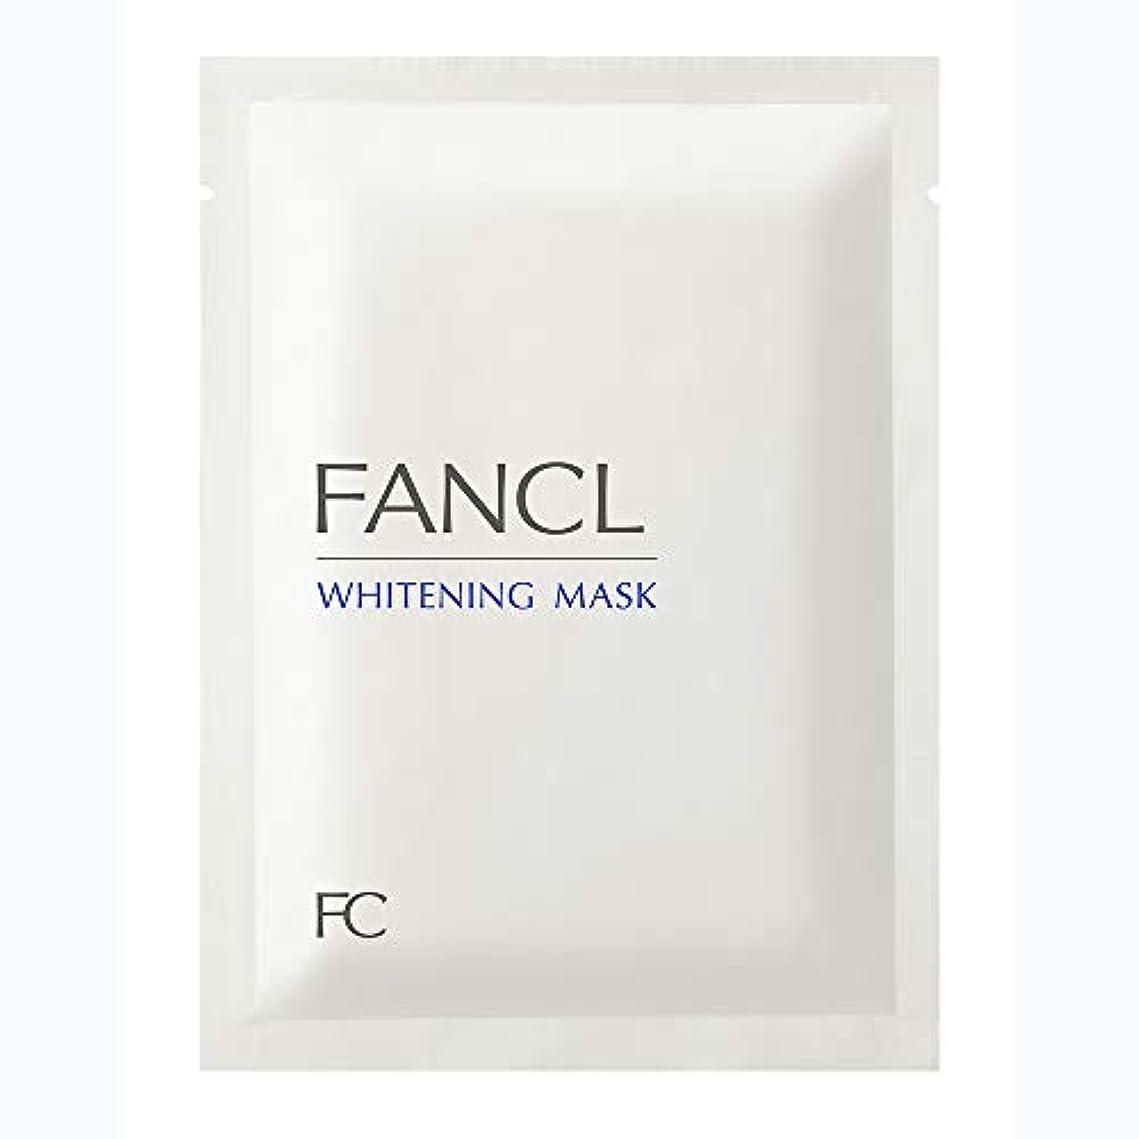 好奇心暴露コンサート新ファンケル(FANCL) ホワイトニング マスク<医薬部外品> 21mL×6枚